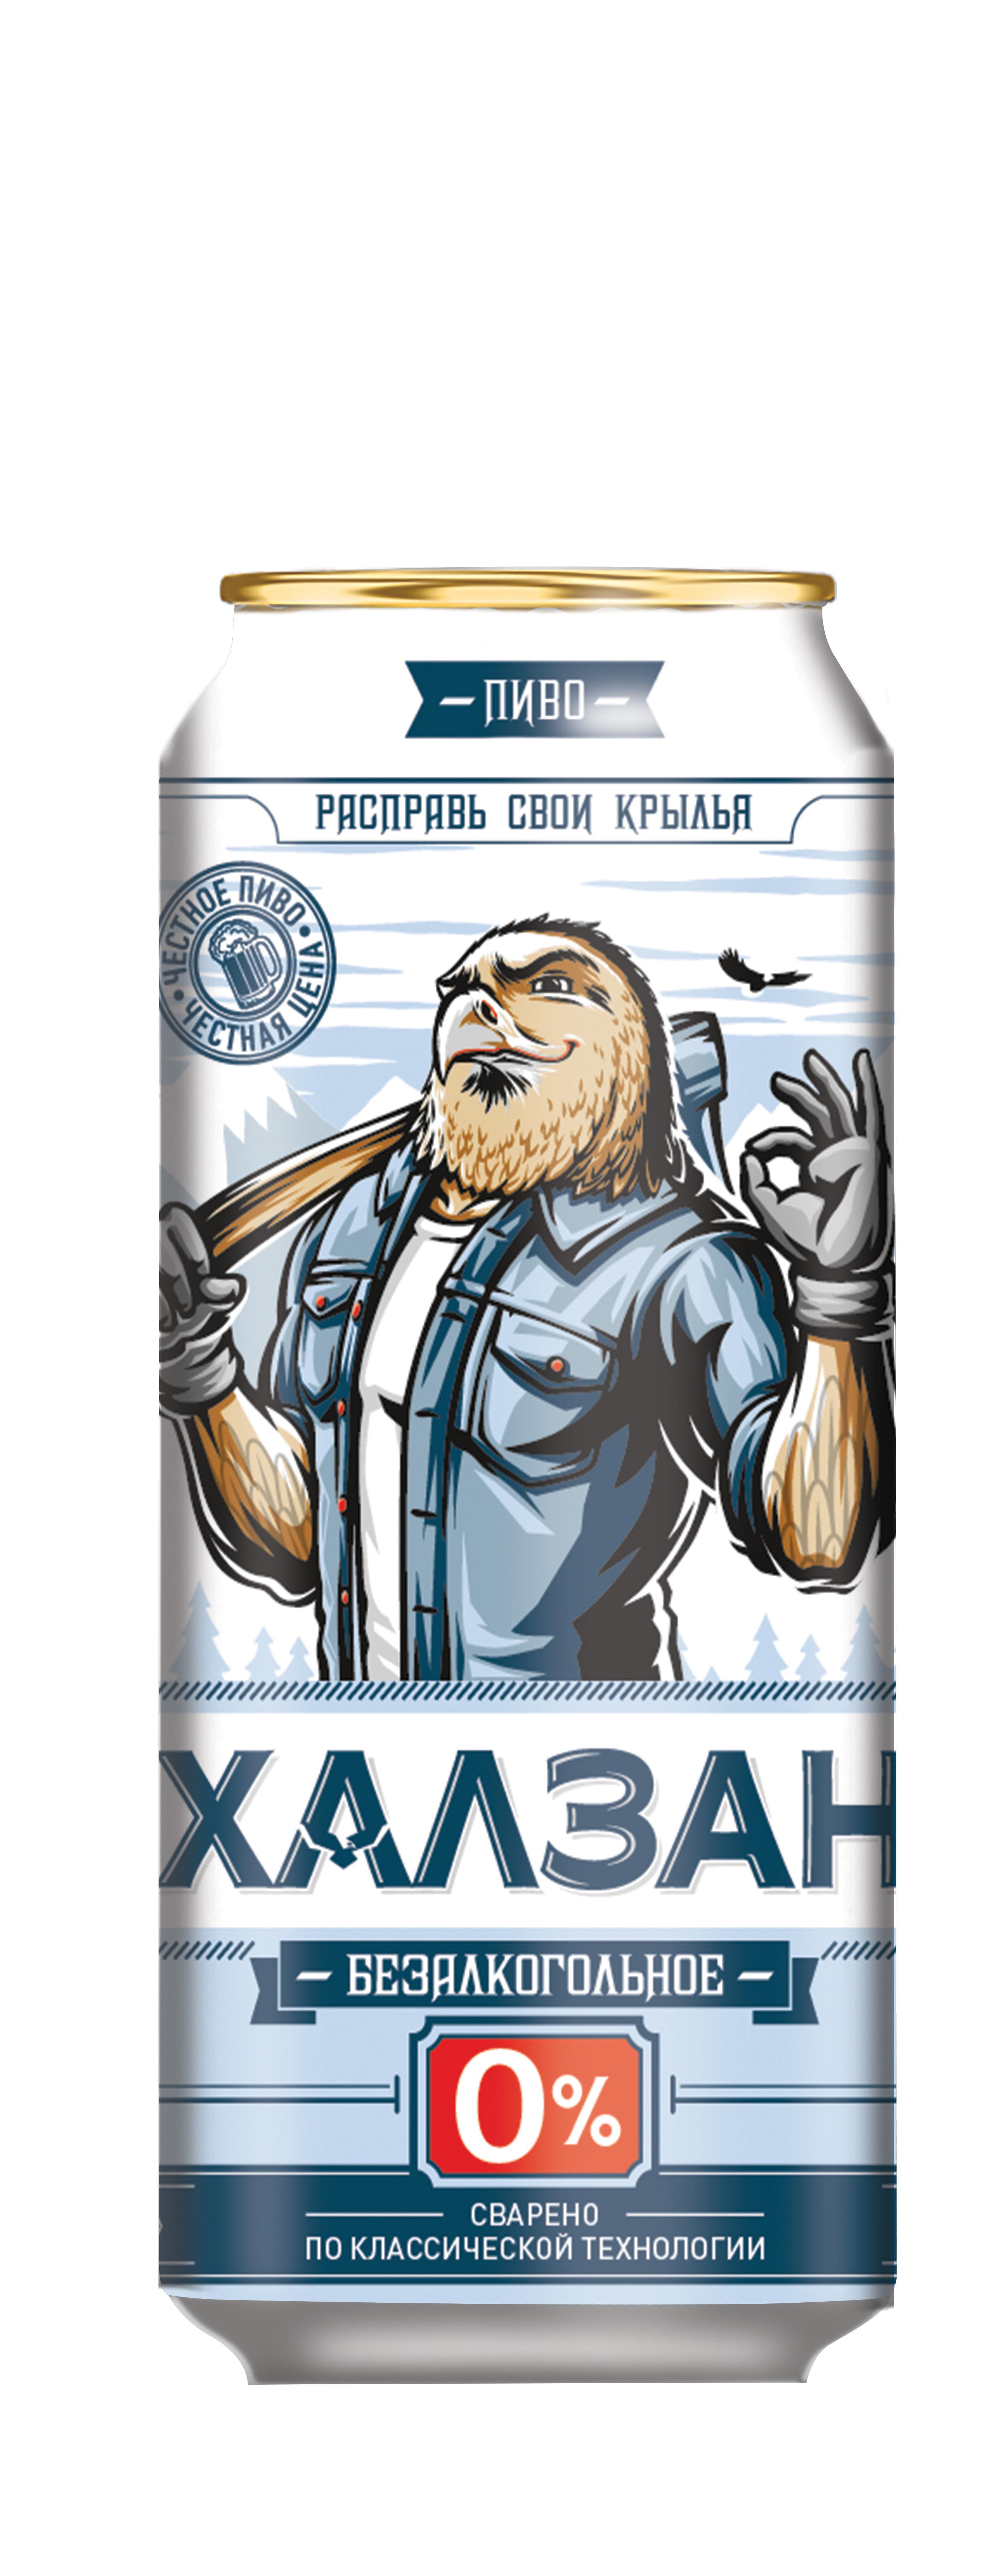 Россия. Компания «Очаково» выпустила безалкогольное пиво «Халзан»